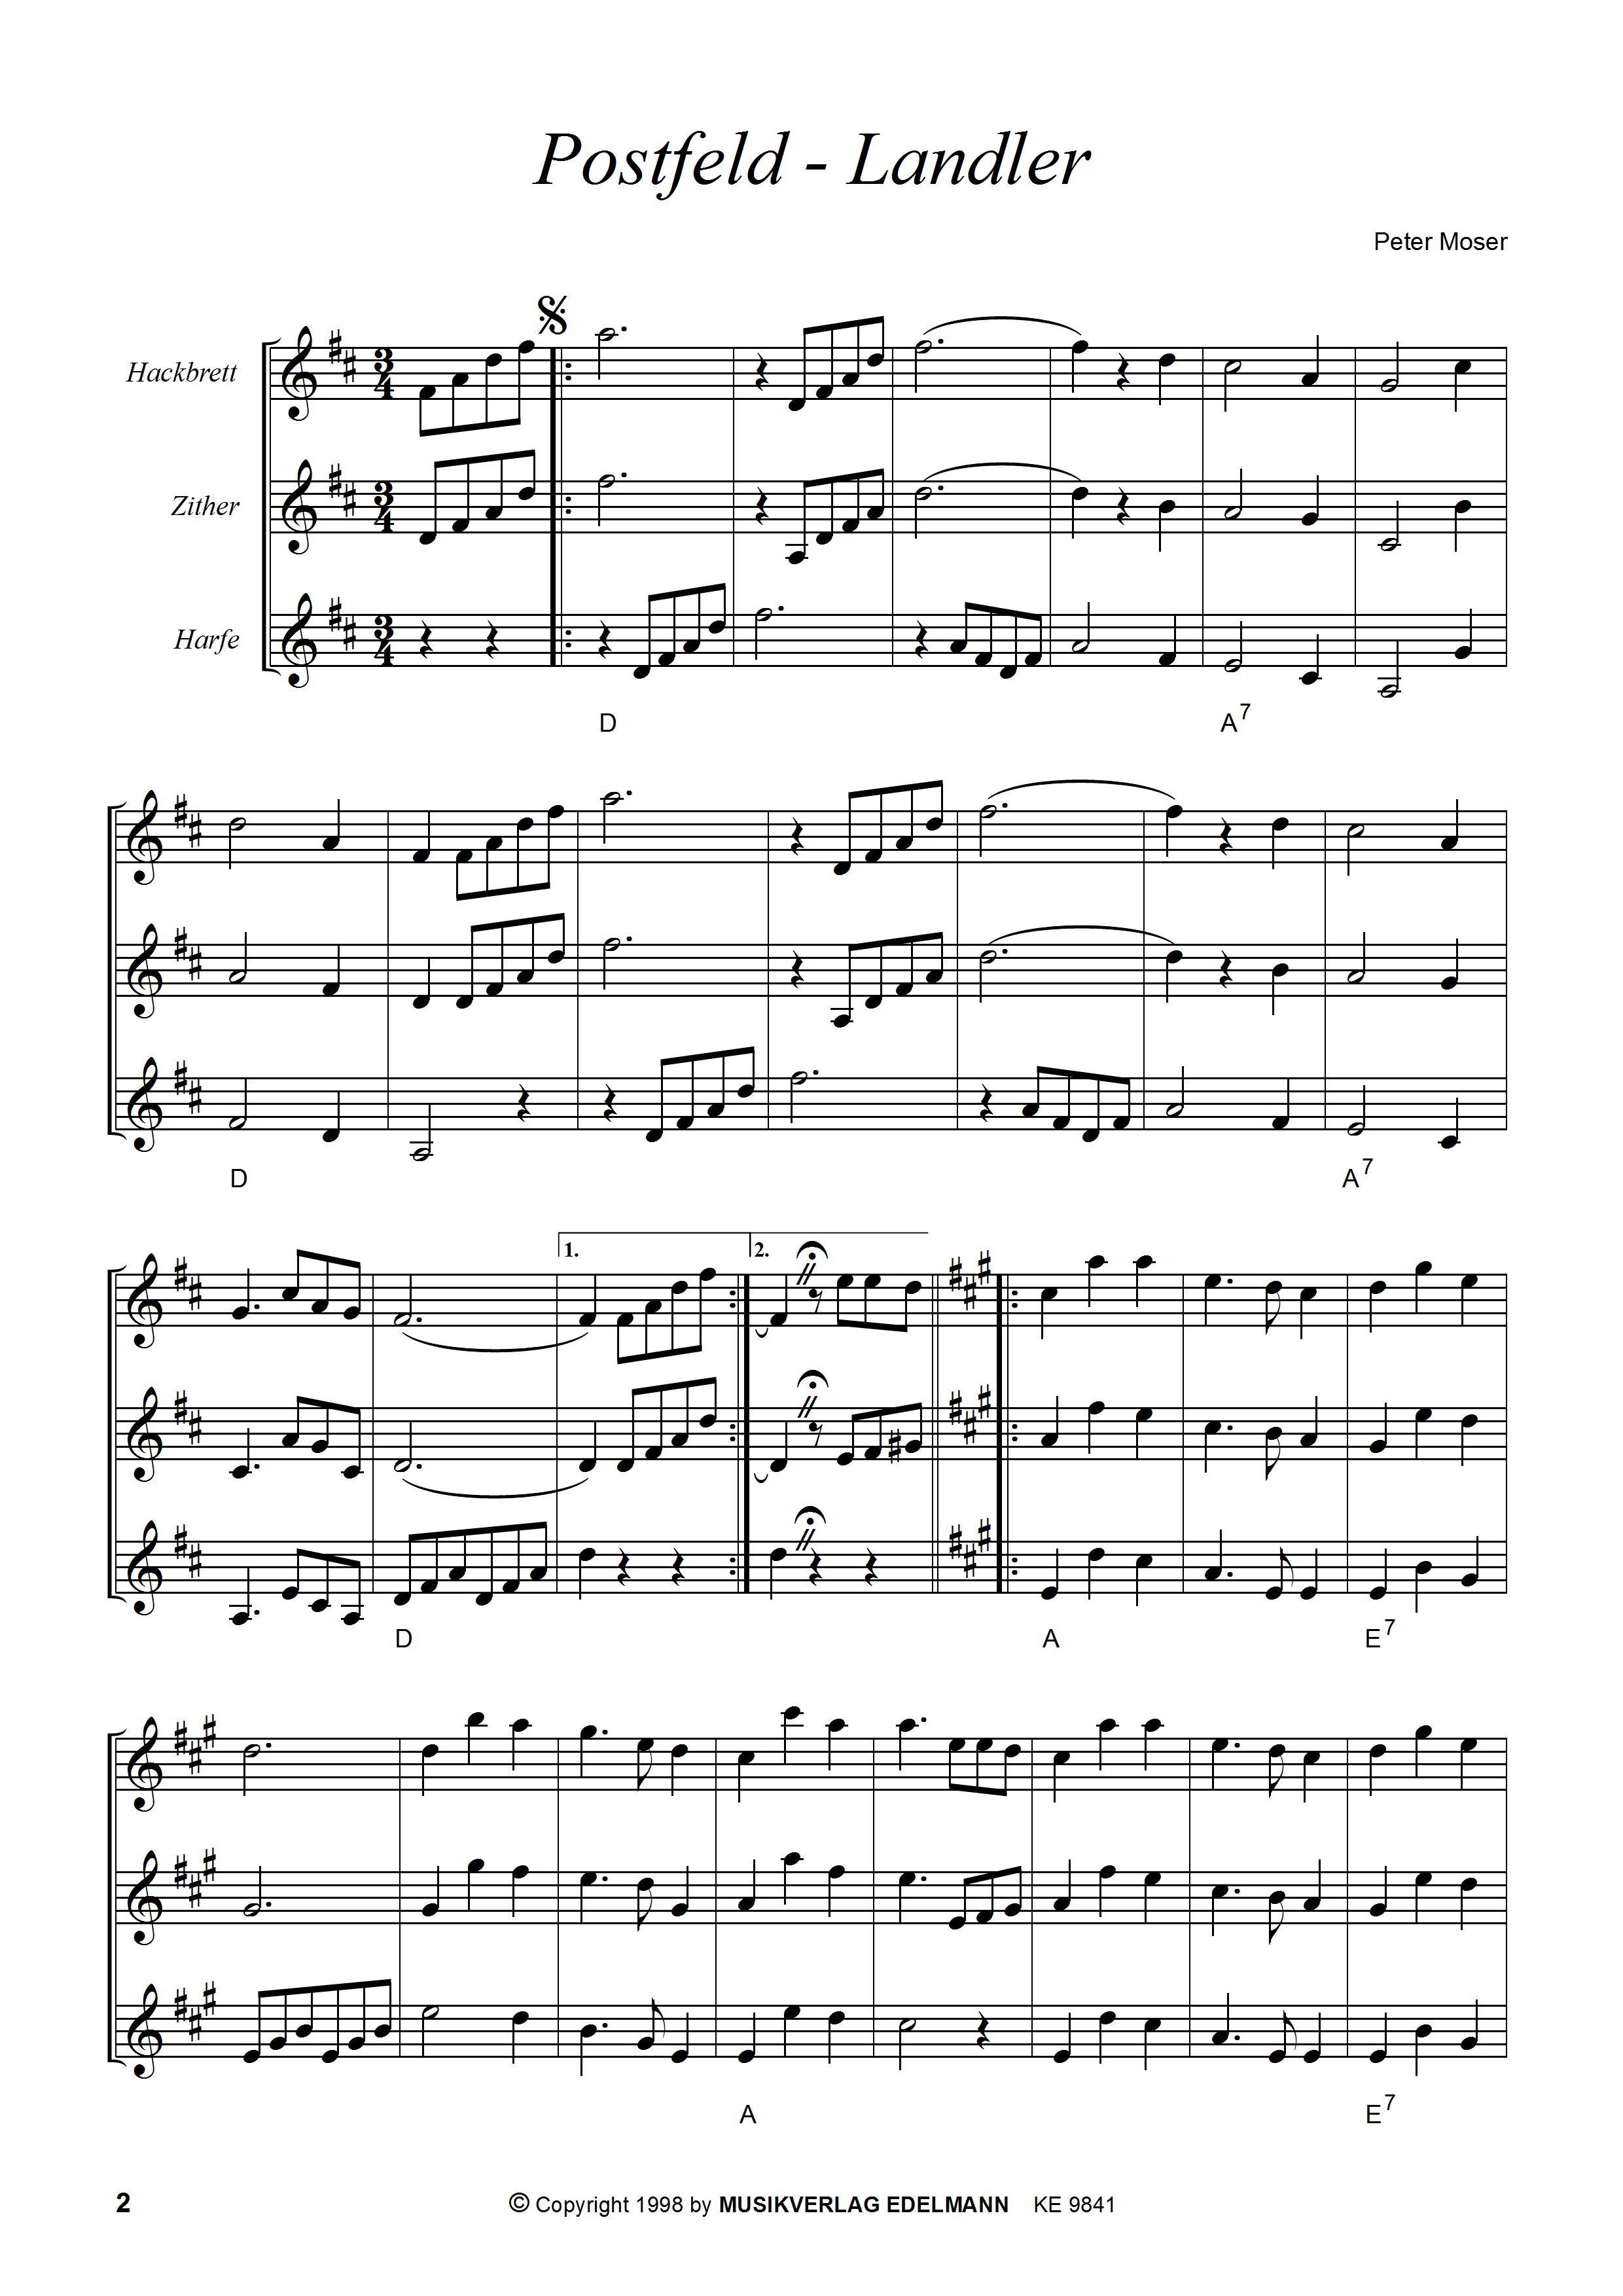 Alpenländische Weihnachtslieder Noten.Www Musikverlag Edelmann De Alpenländische Saitenmusik Heft 1